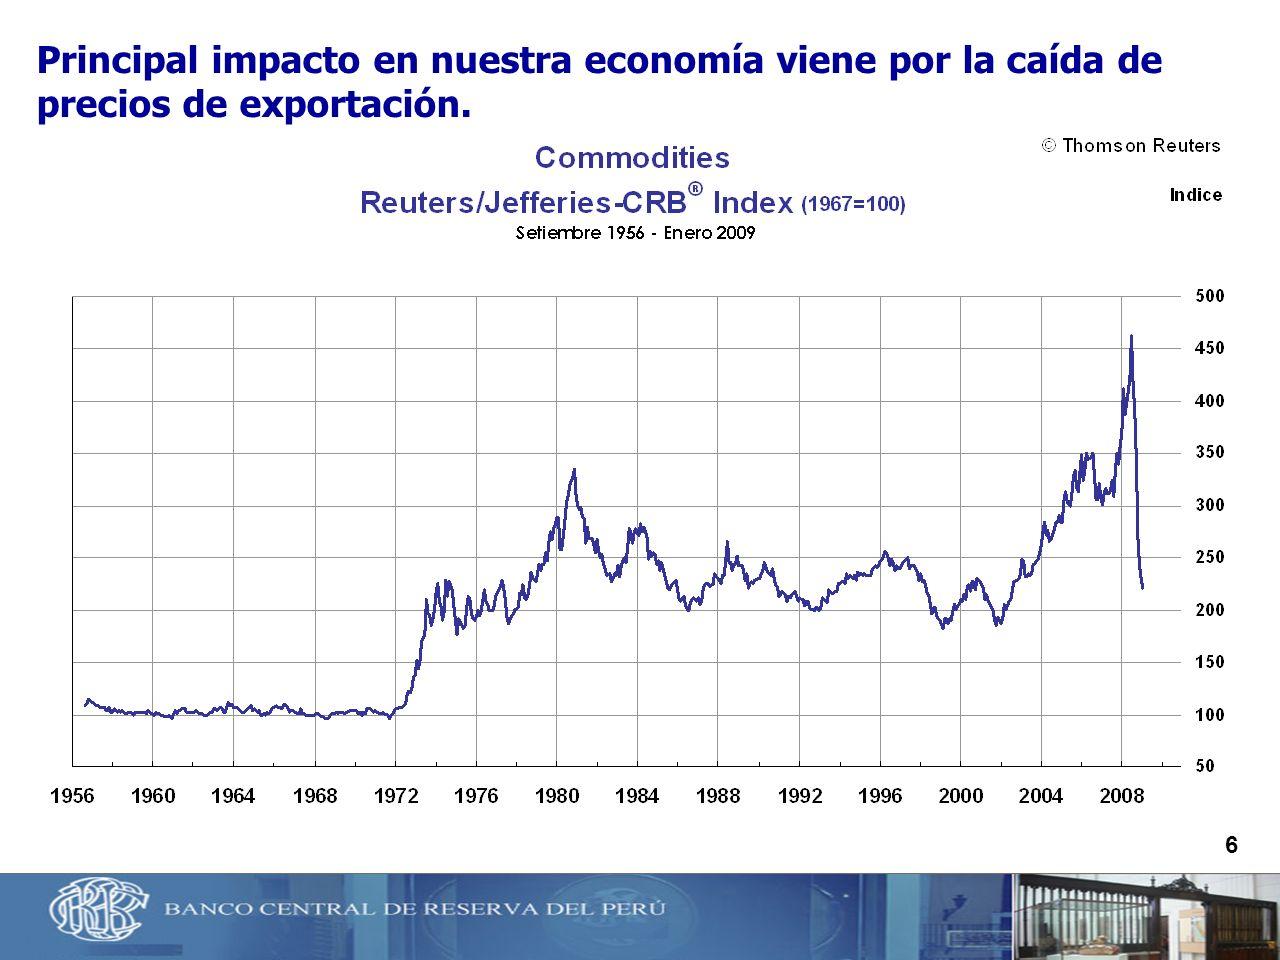 Principal impacto en nuestra economía viene por la caída de precios de exportación.